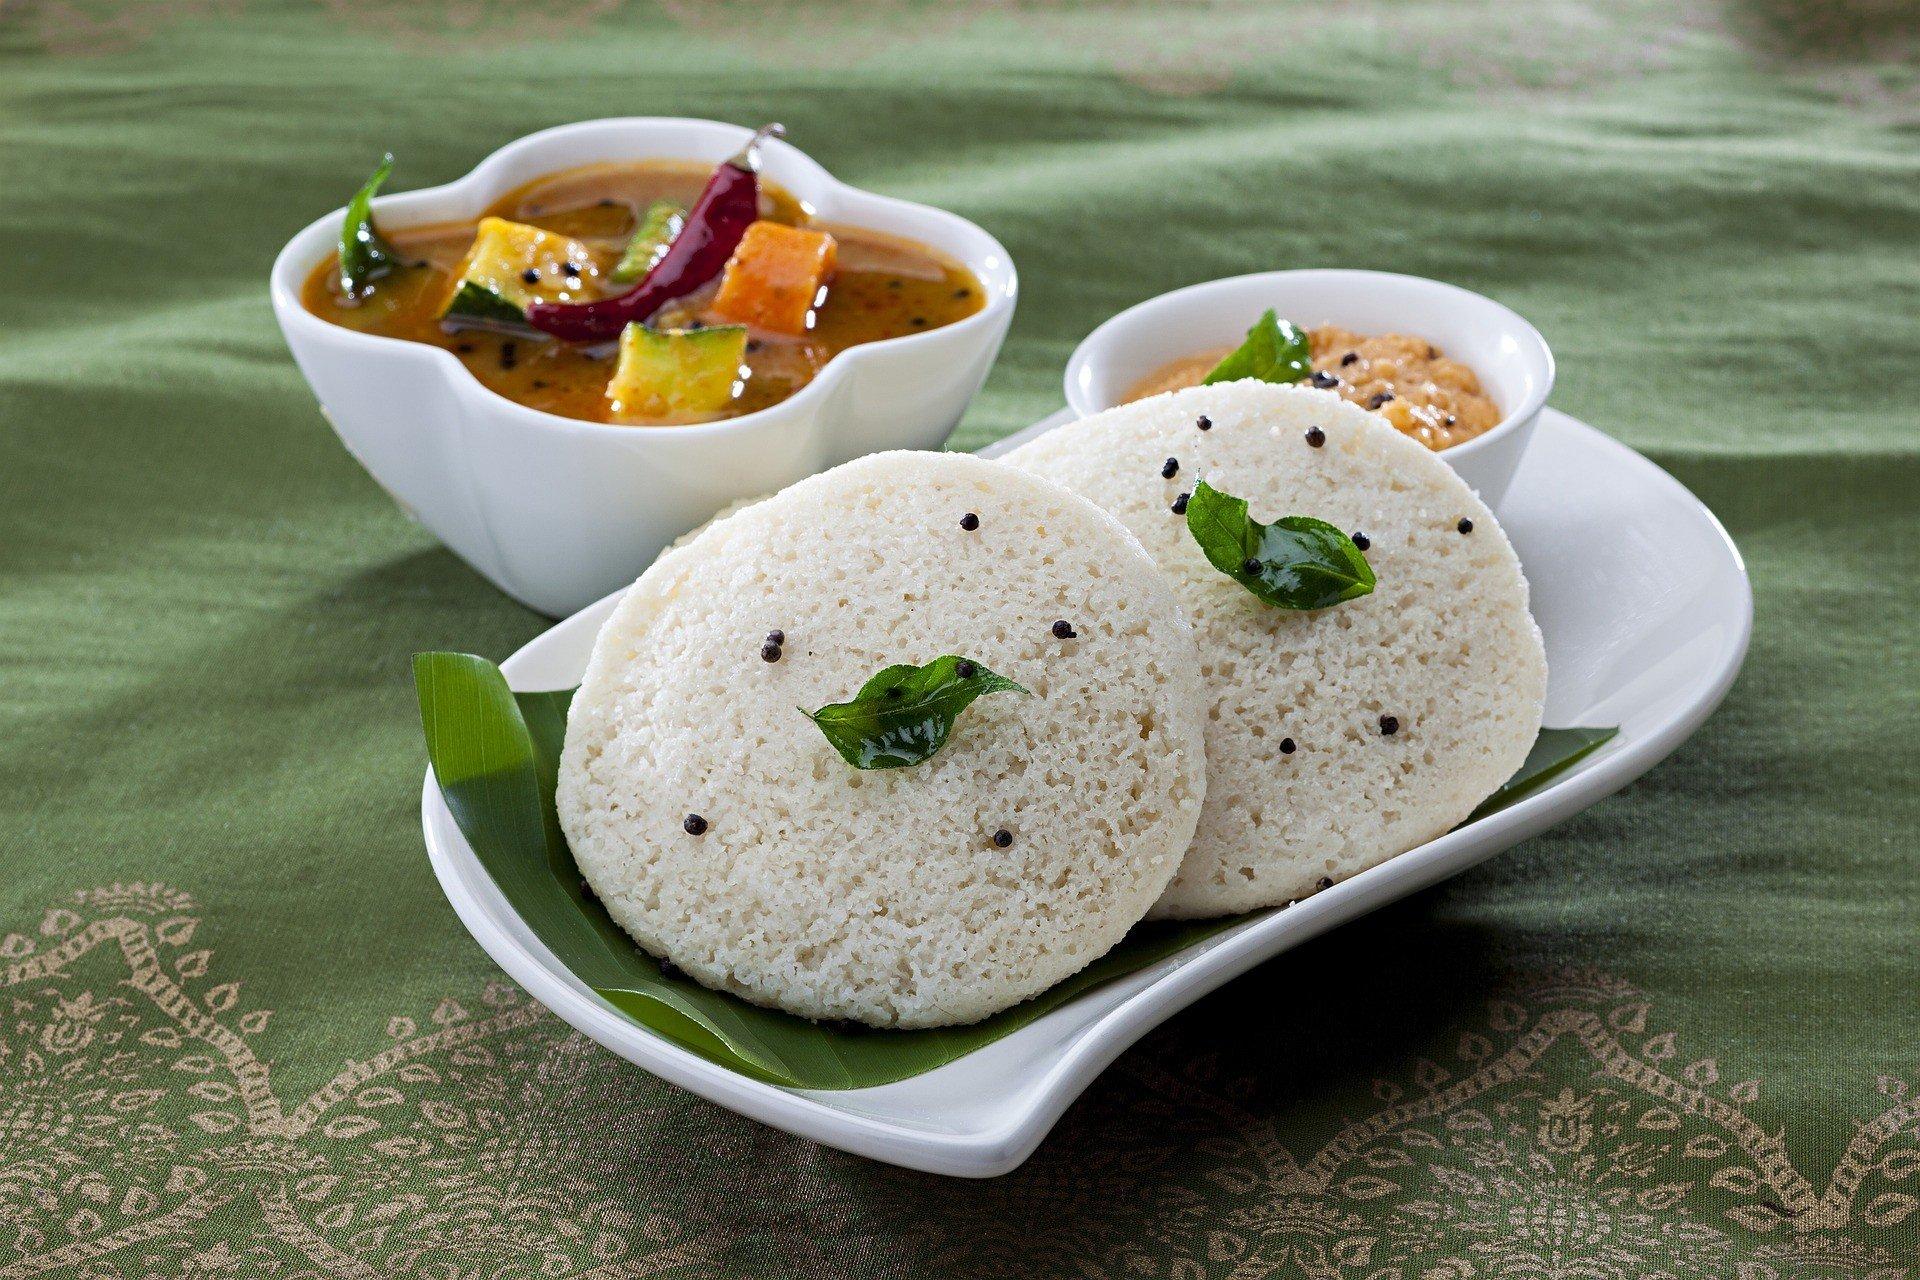 Idli Chennai India Street Food